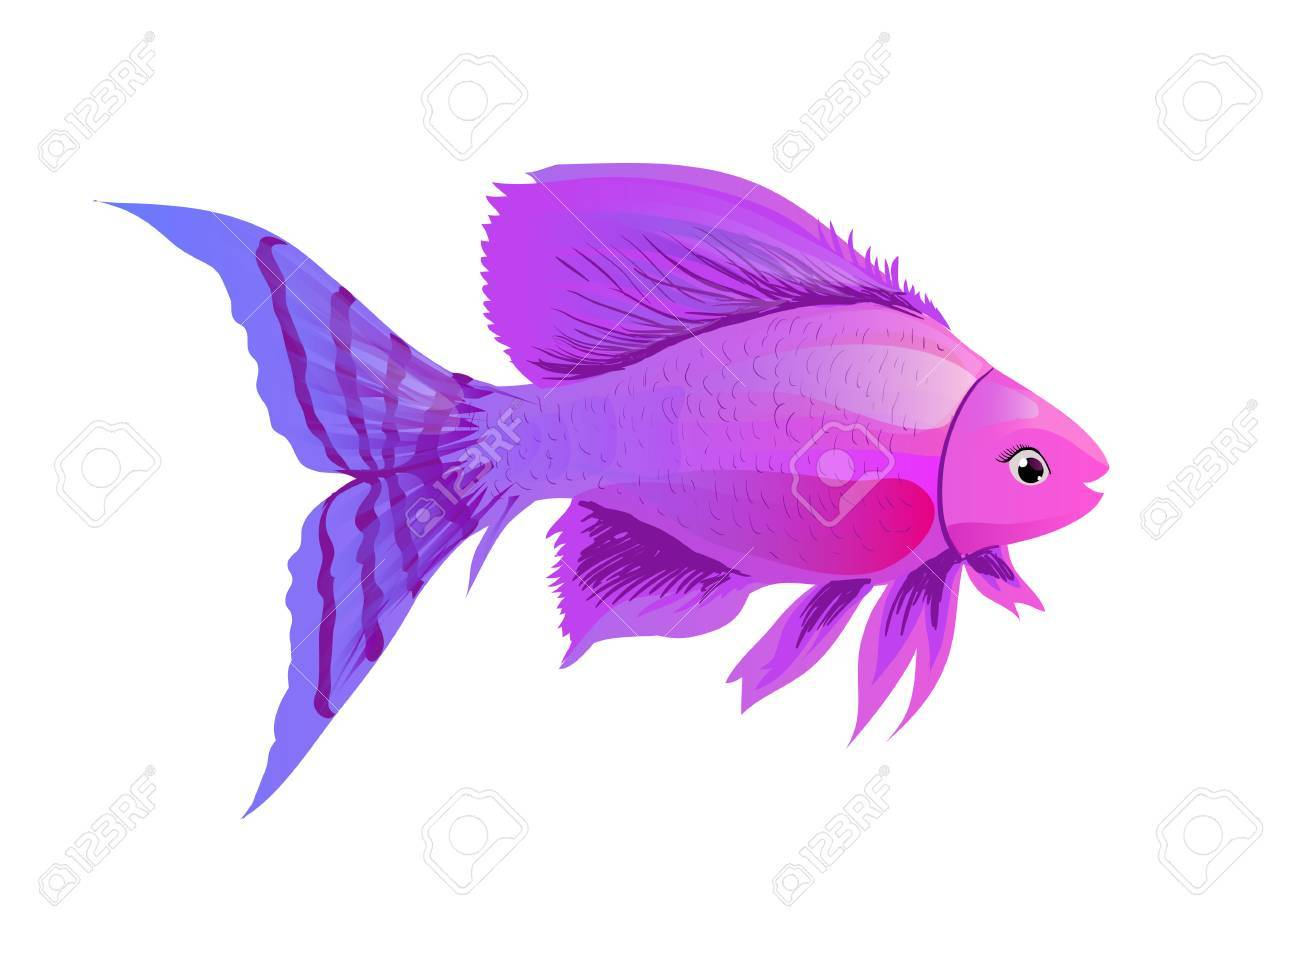 Historieta De Los Pescados De Color Púrpura. Bosquejo, Ejemplo De ...